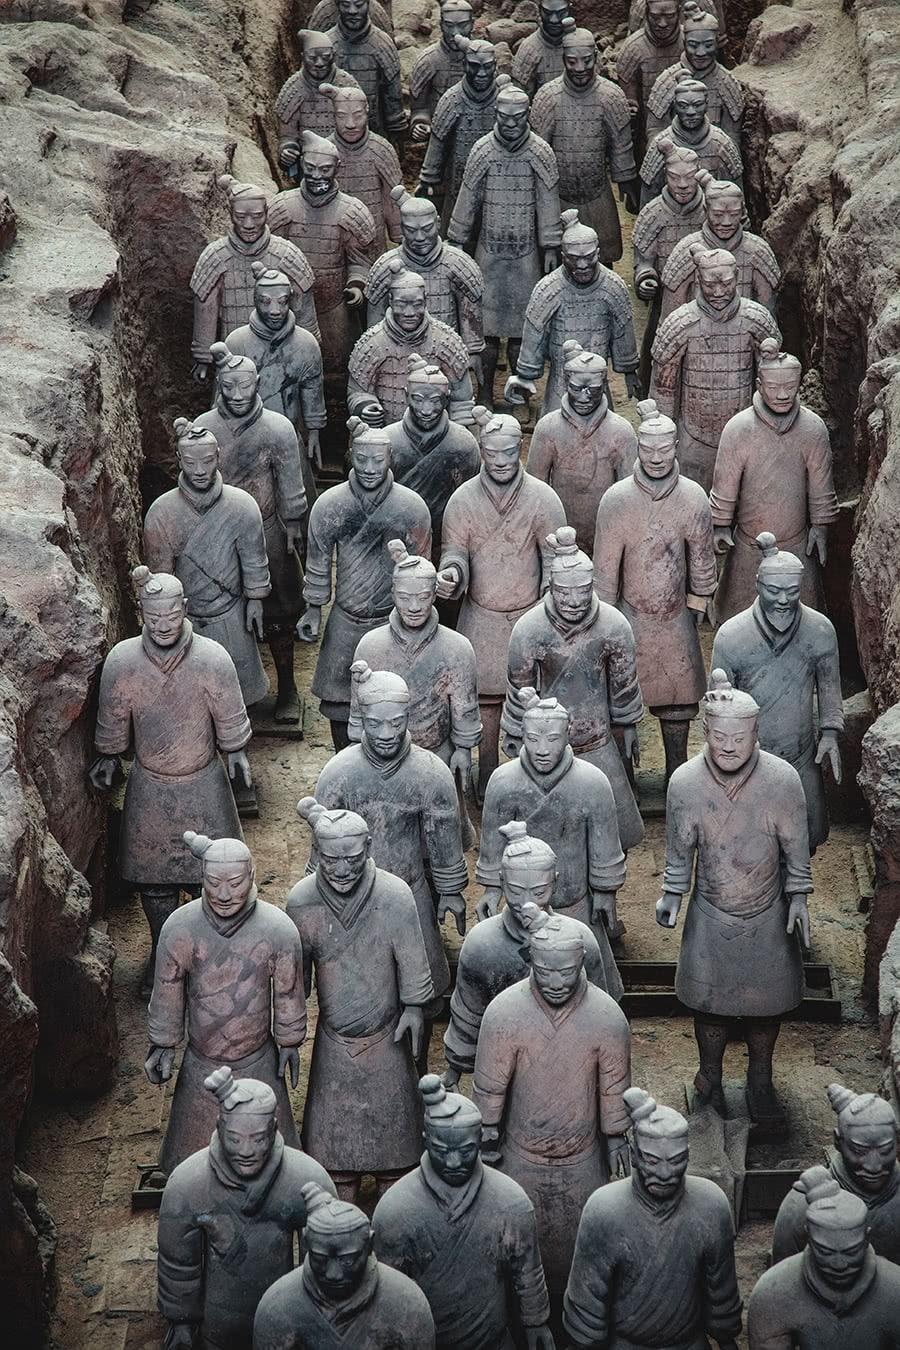 Terracotta warriors in Xian, China.